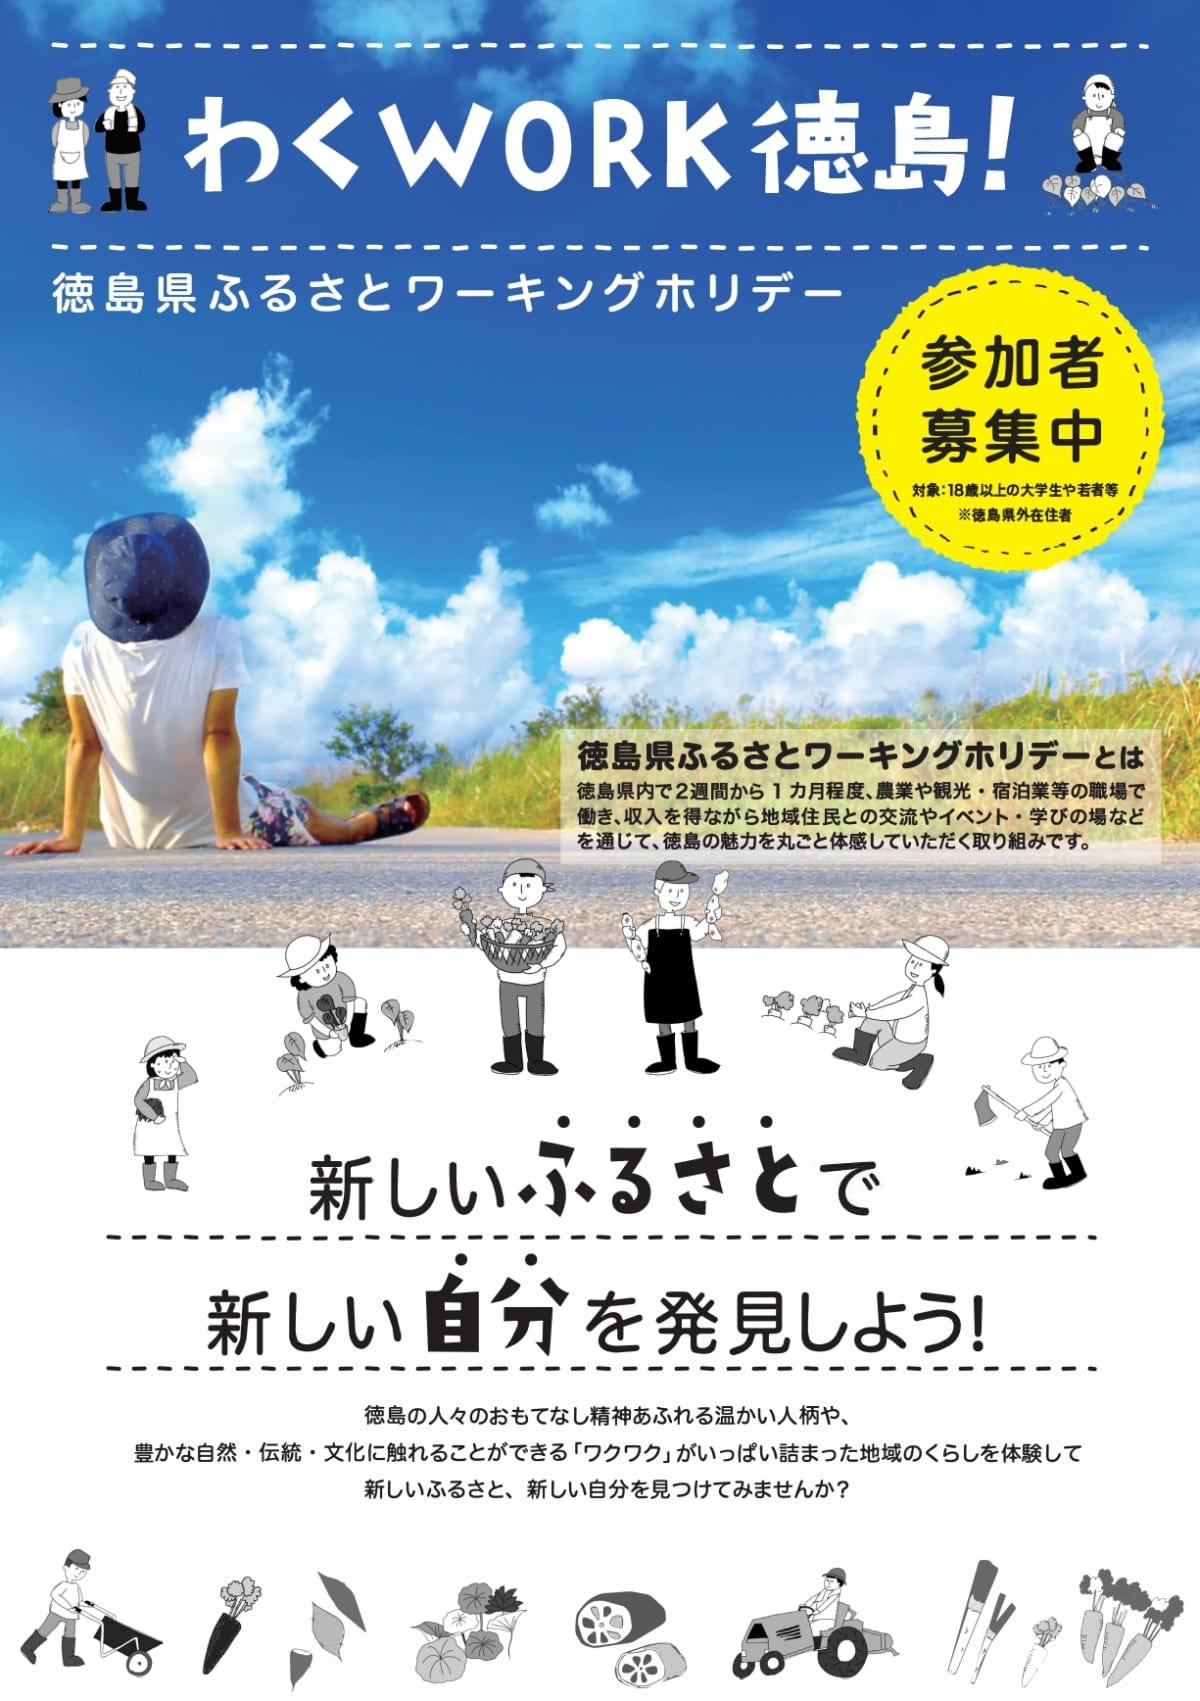 徳島県ふるさとワーキングホリデーで新しい自分を発見しよう!